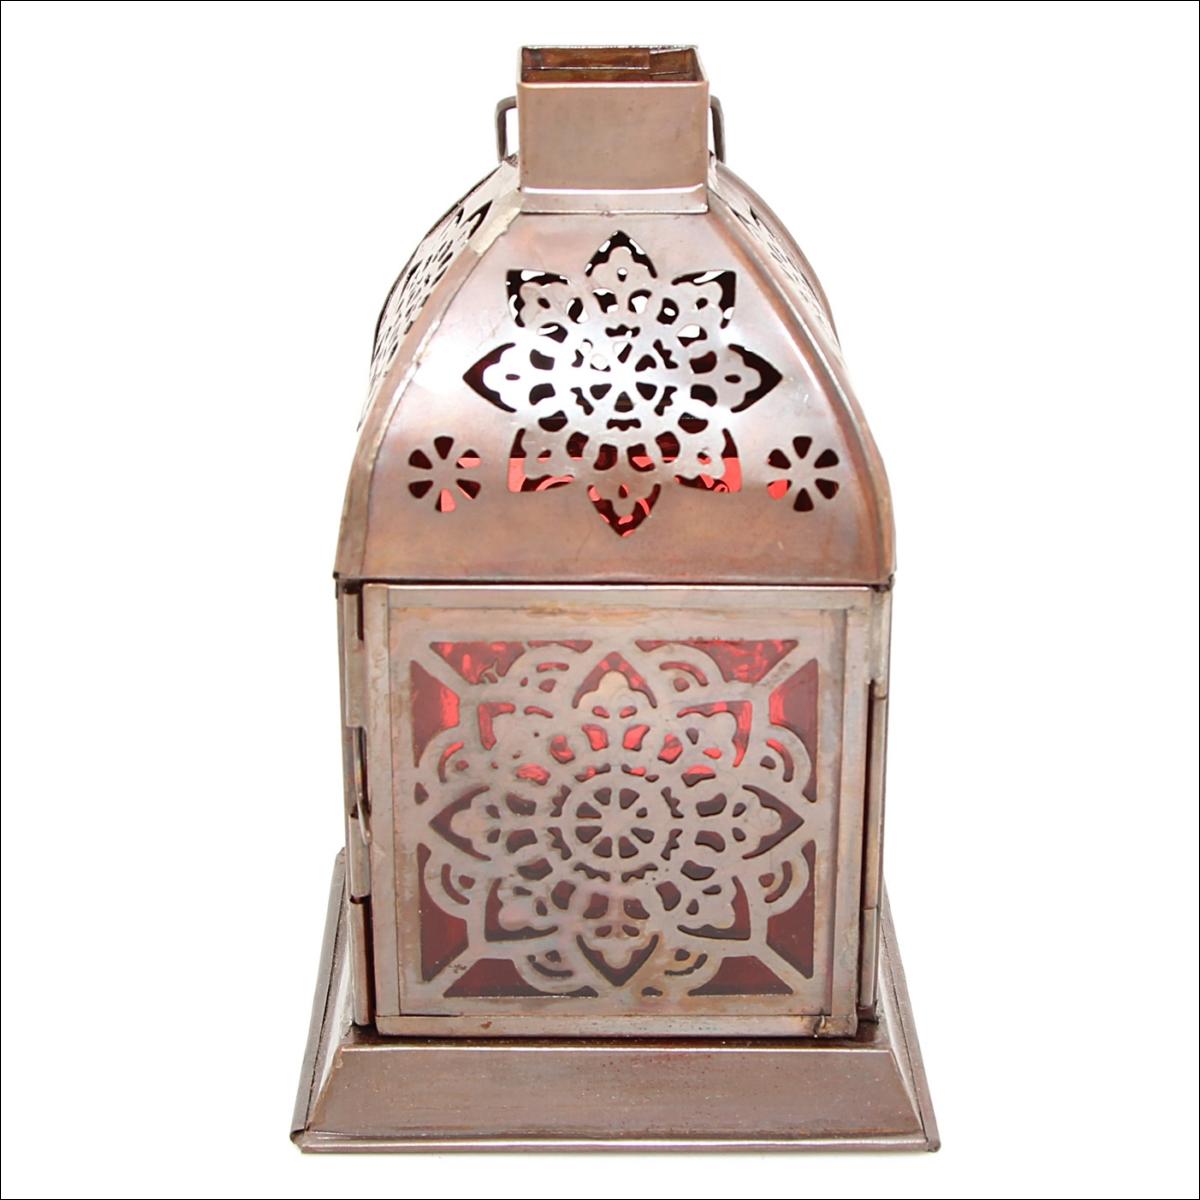 Декоративные свечи Ганг Подсвечник Фонарь Цвет: Красный (10х10х21 см) подсвечник фонарь белый 16х33 см